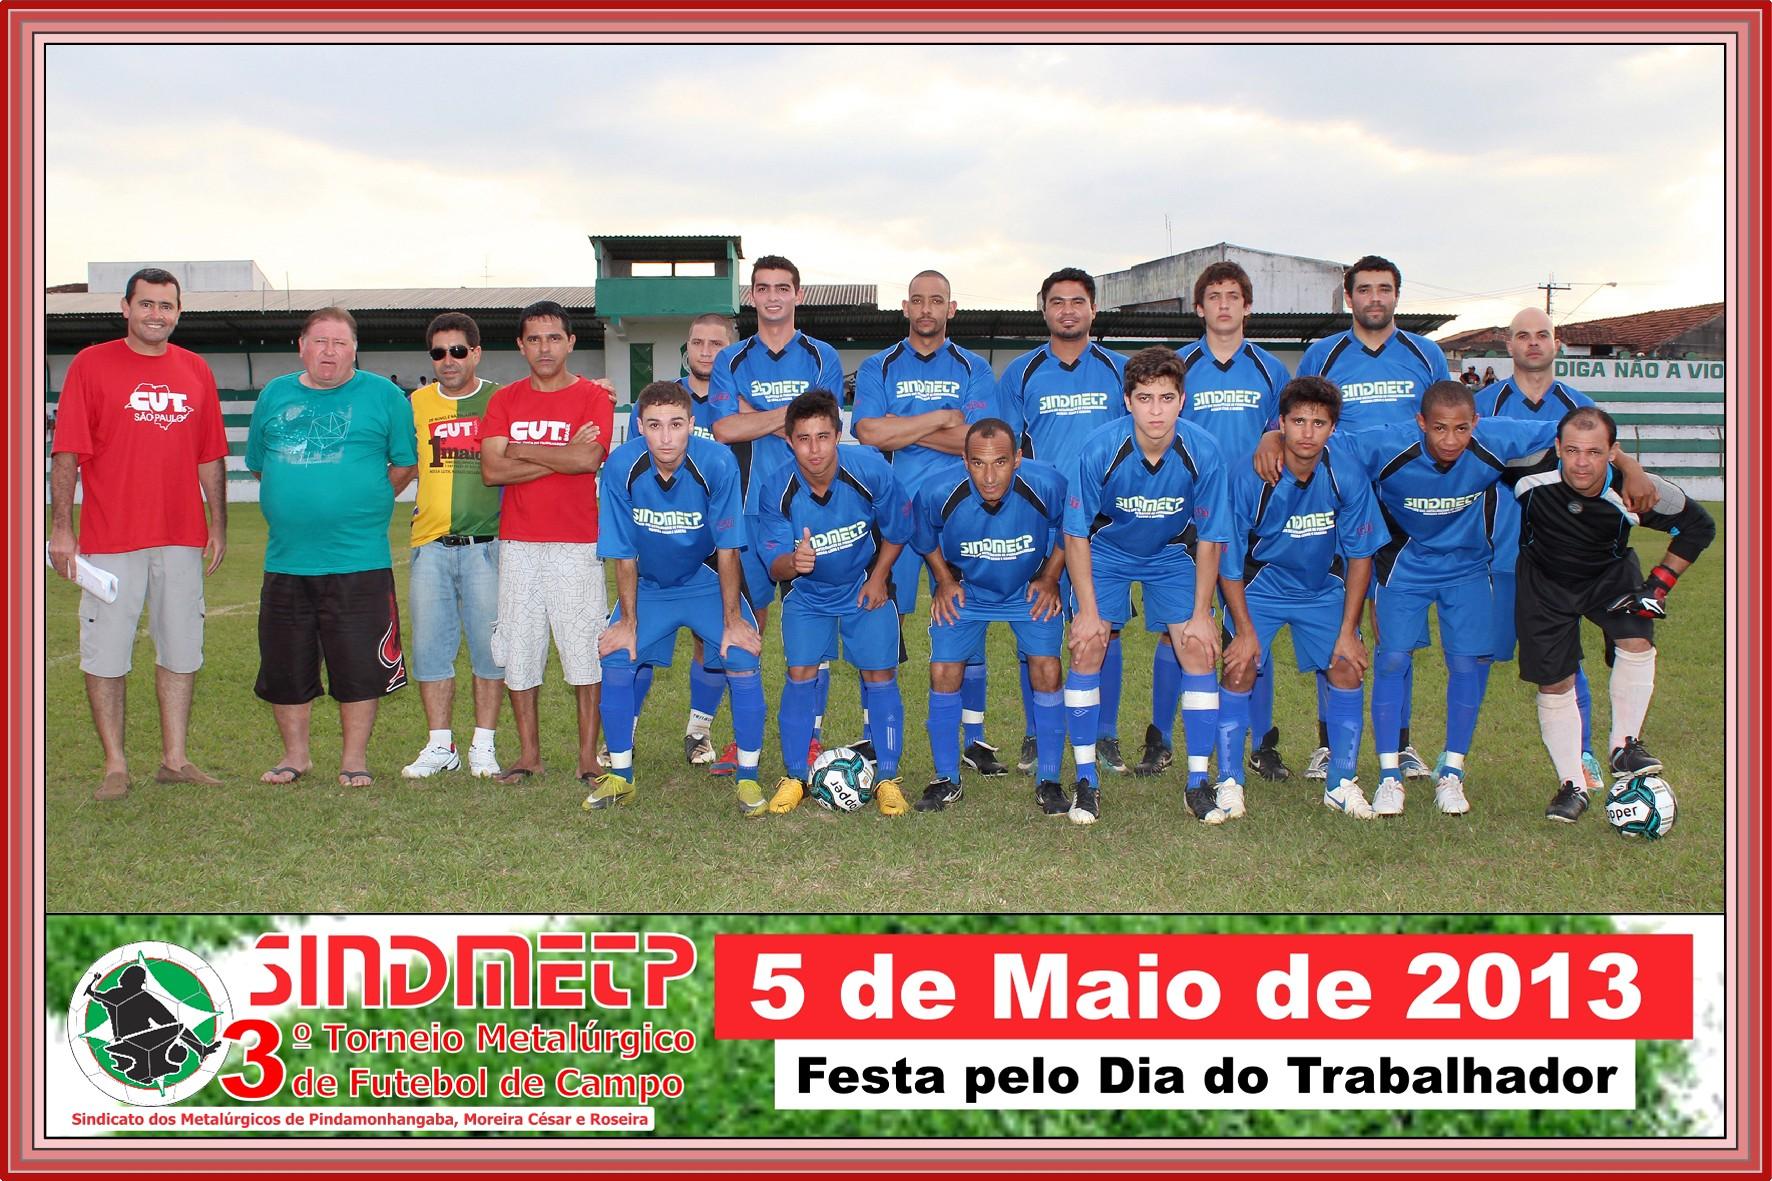 Confab Equipamentos - Equipe que jogou a final do torneio